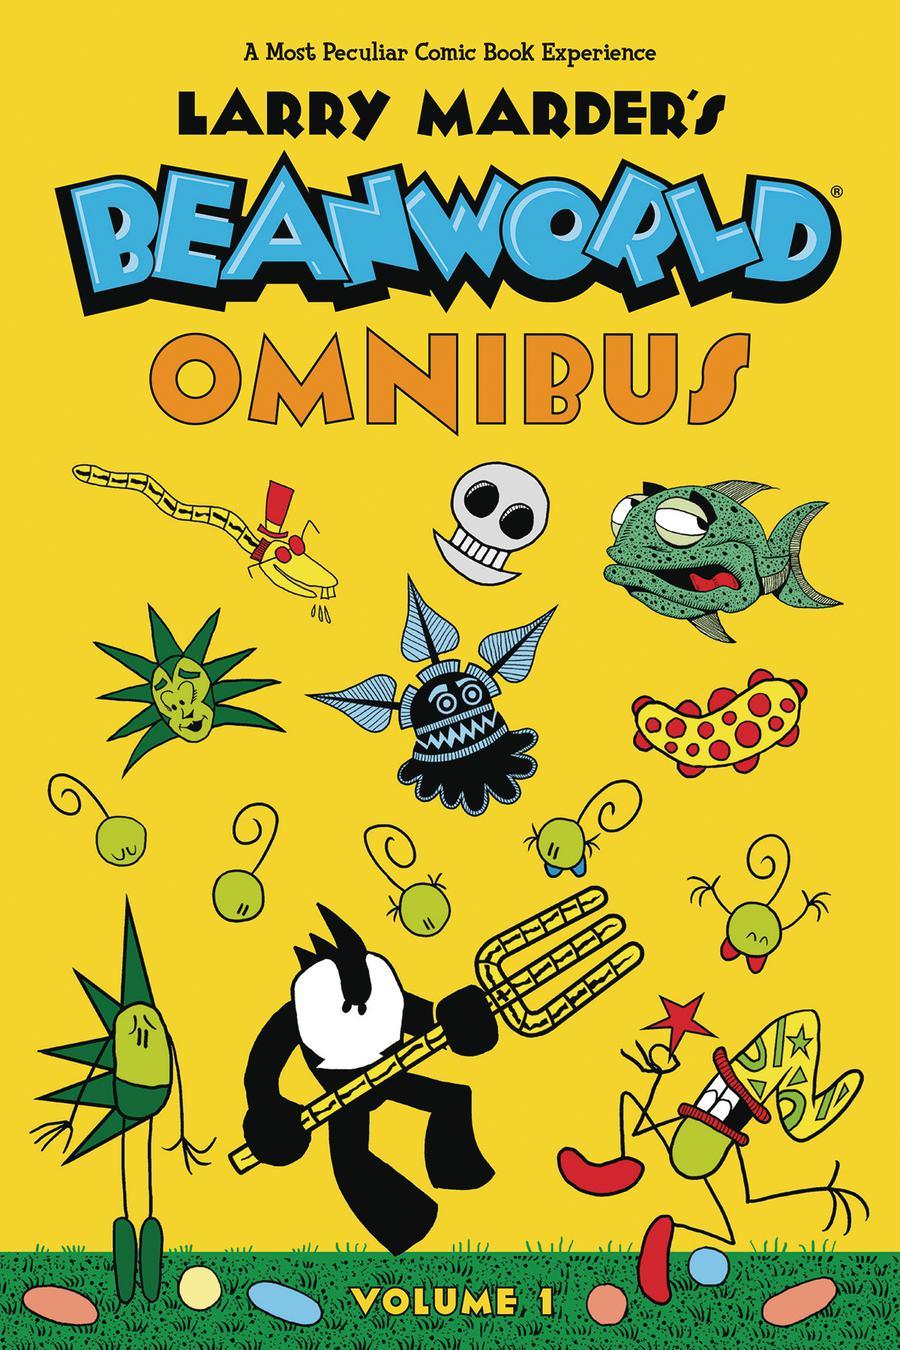 Beanworld Omnibus Vol 1 TP